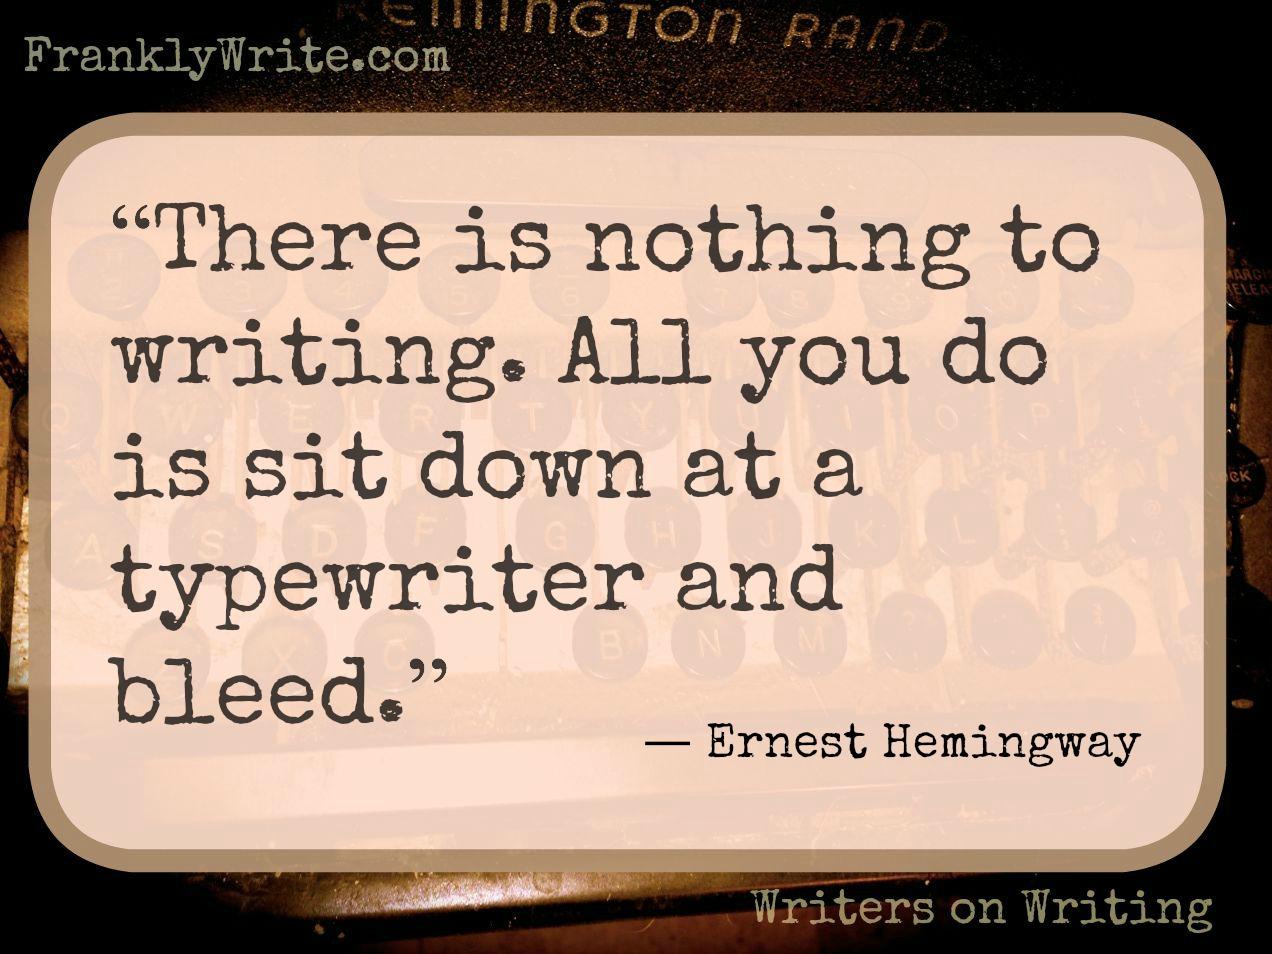 Hemingway Bleed